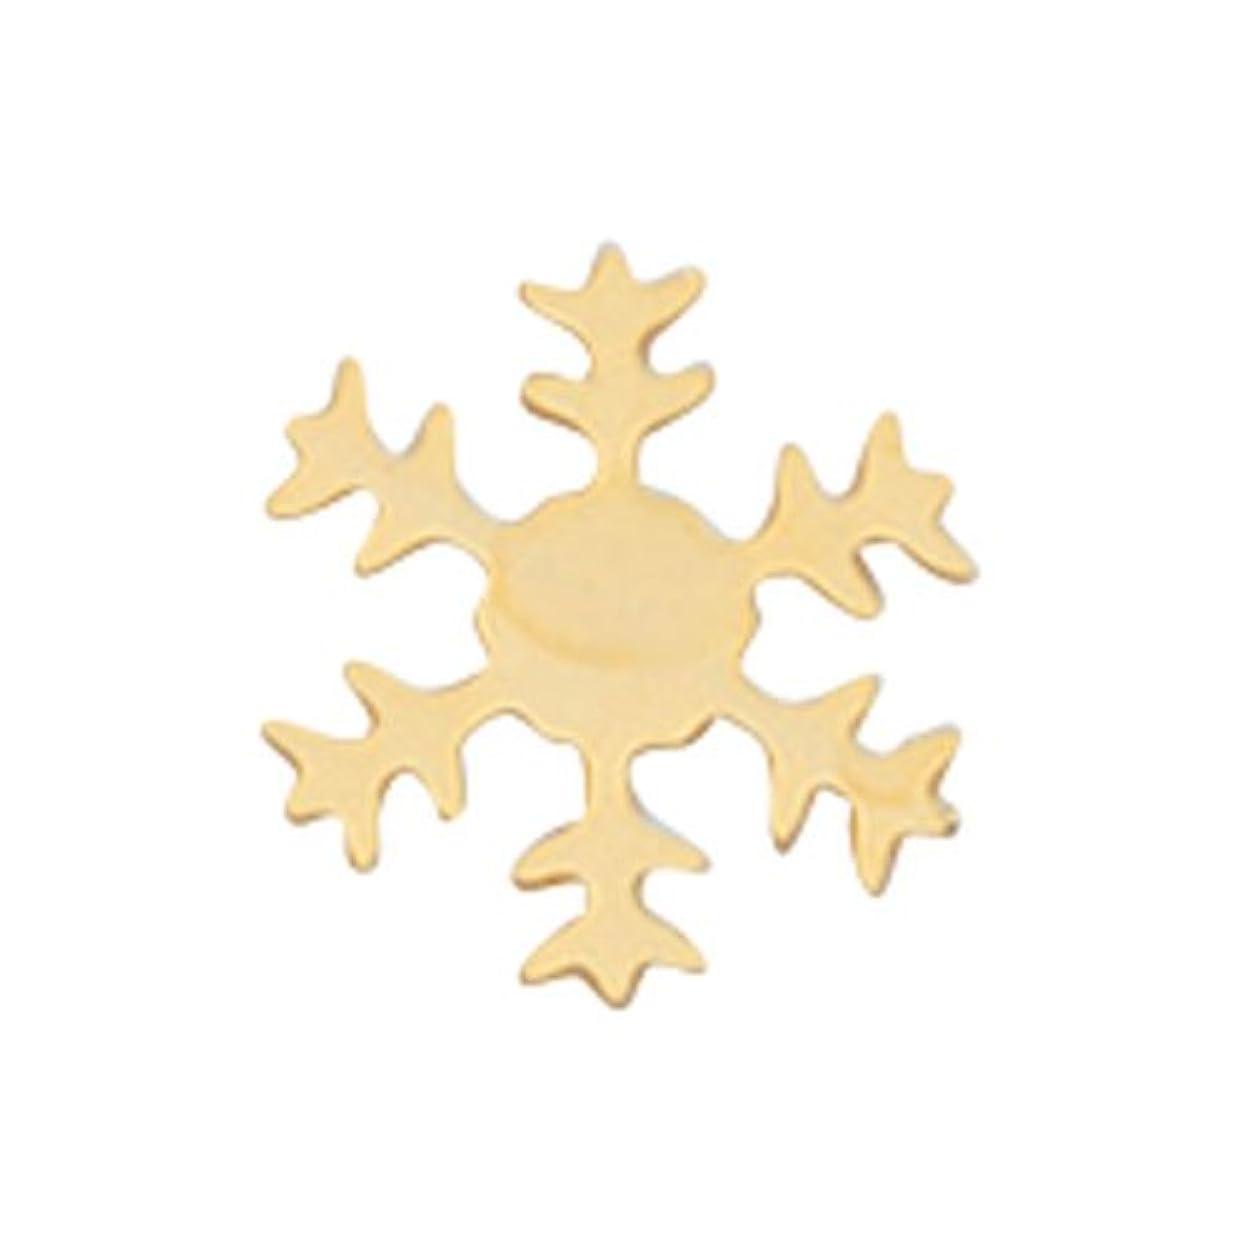 シャイニングシルエットキャンバスリトルプリティー ネイルアートパーツ スノーフレーク SS ゴールド 10個